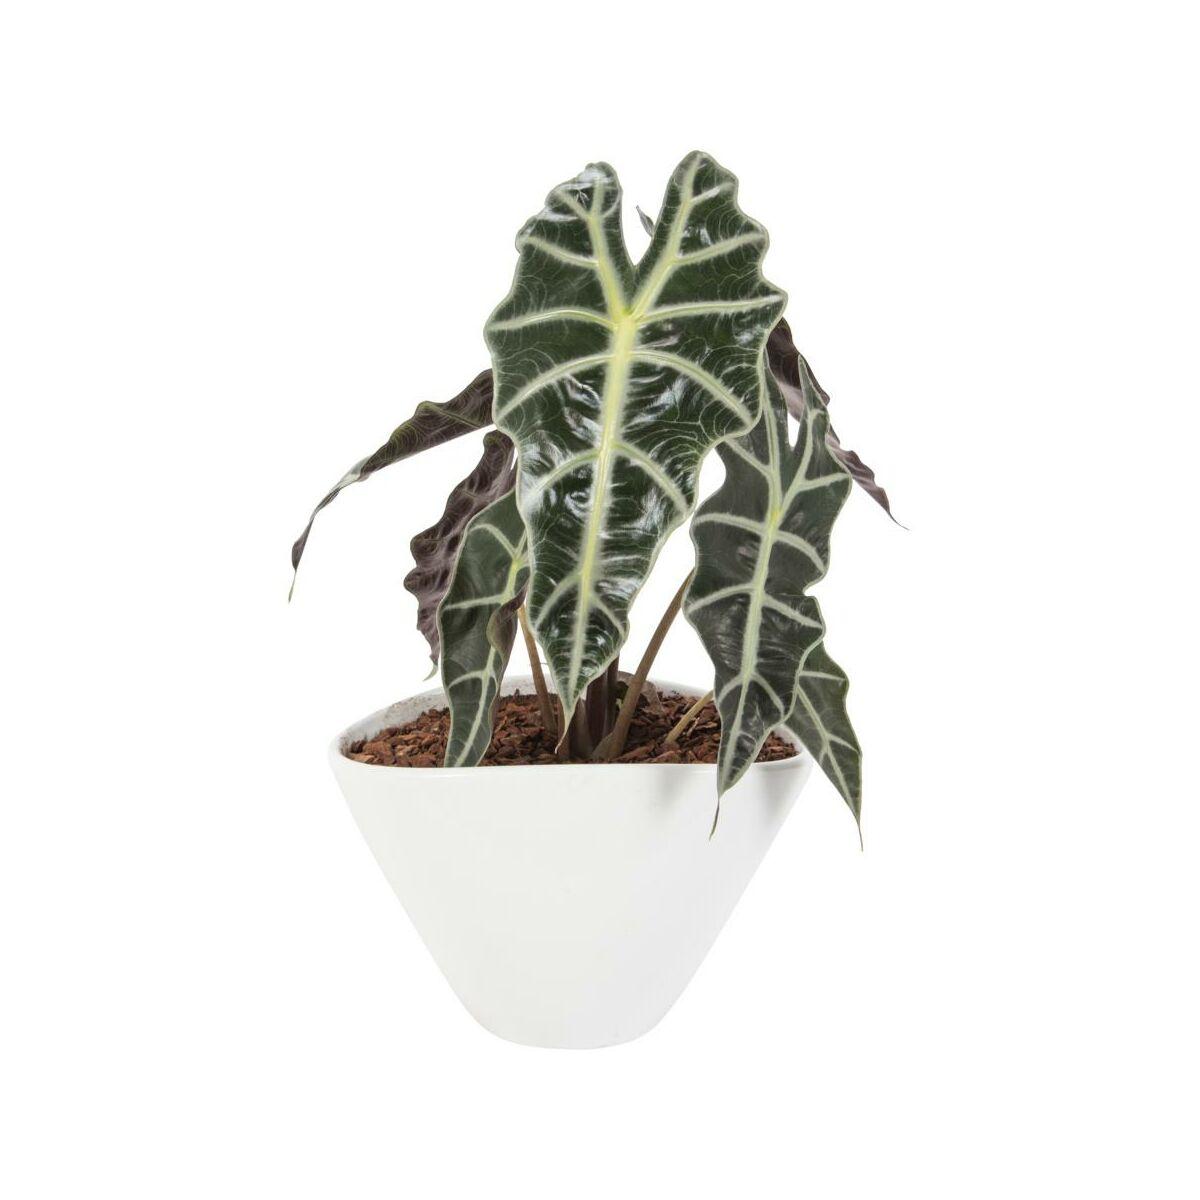 fd72d816c7d18e Rośliny zielone w osłonce ceramicznej MIX 27 cm - Kwiaty doniczkowe ...